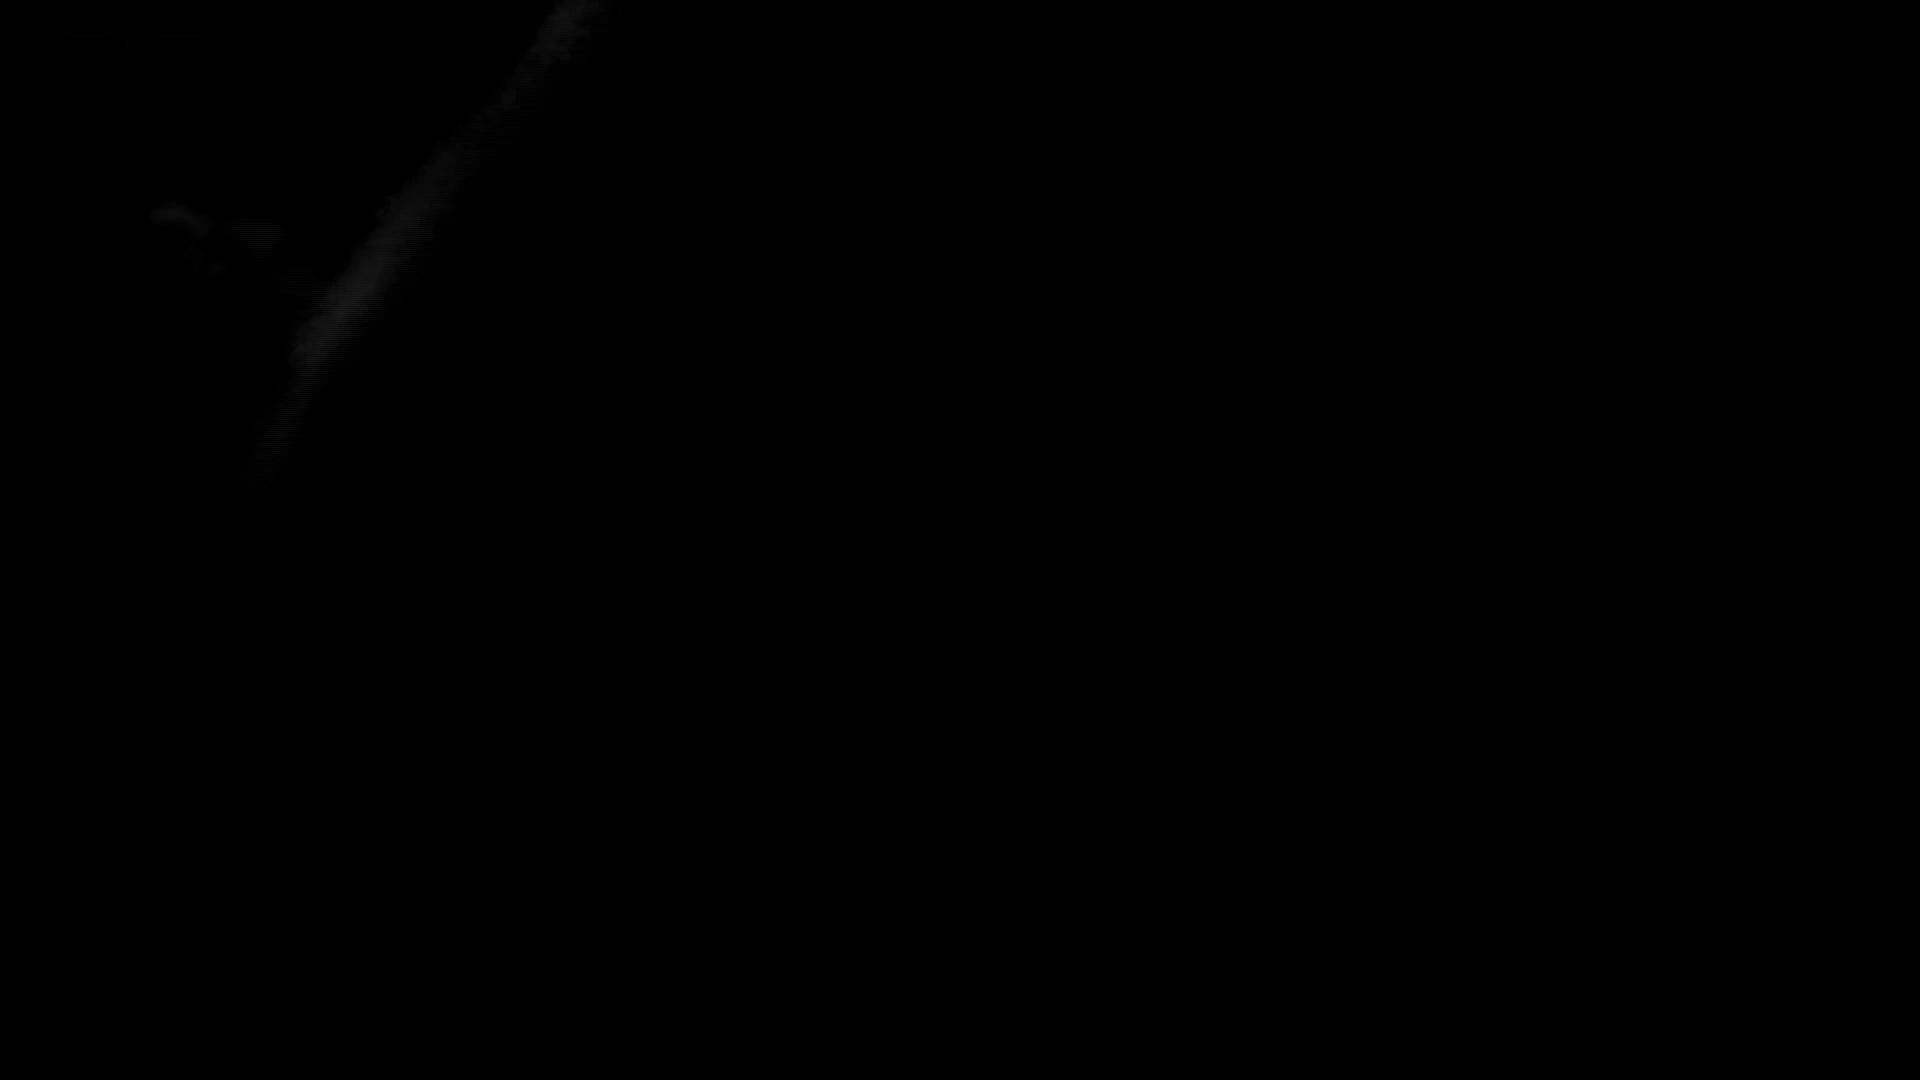 第三体育館潜入撮File022 進化3【2015・19位】 高画質 エロ画像 85画像 77